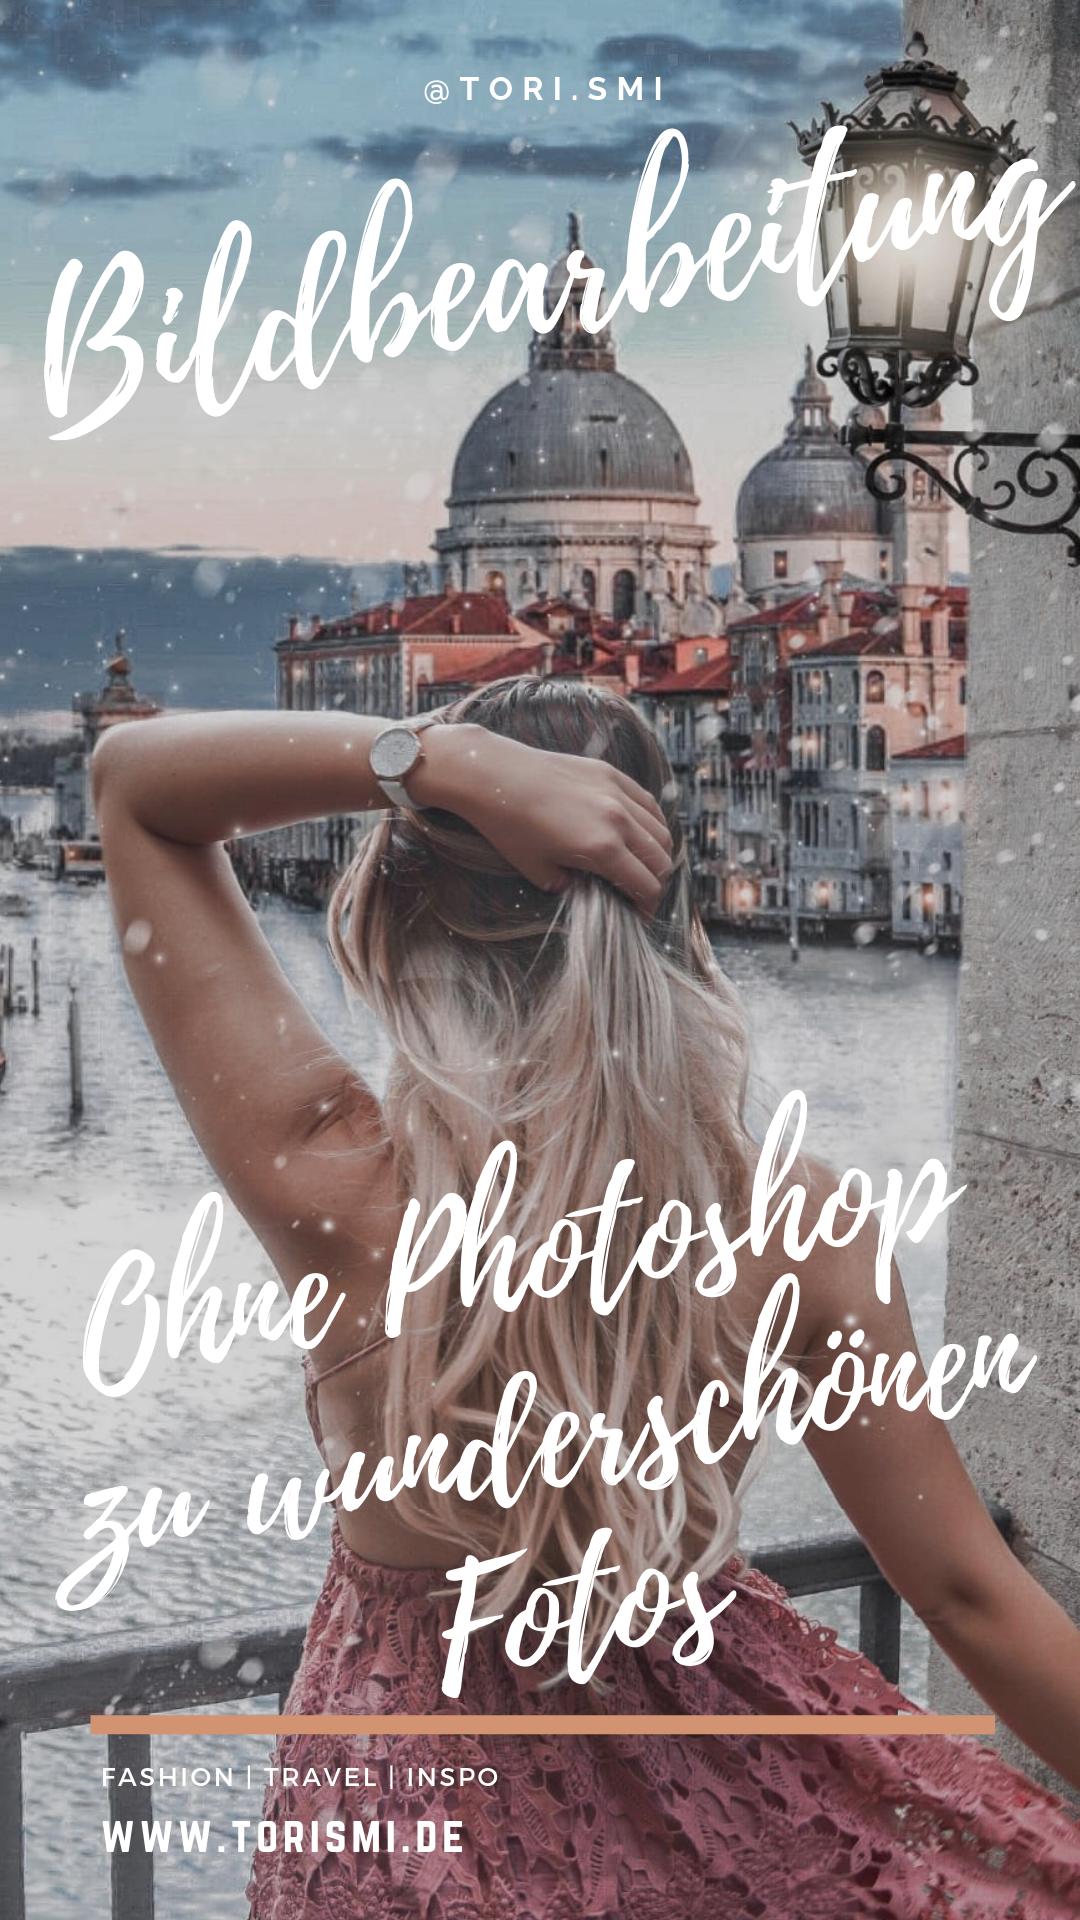 Bildbearbeitung ohne Photoshop - so entstehen schöne Instagram Fotos